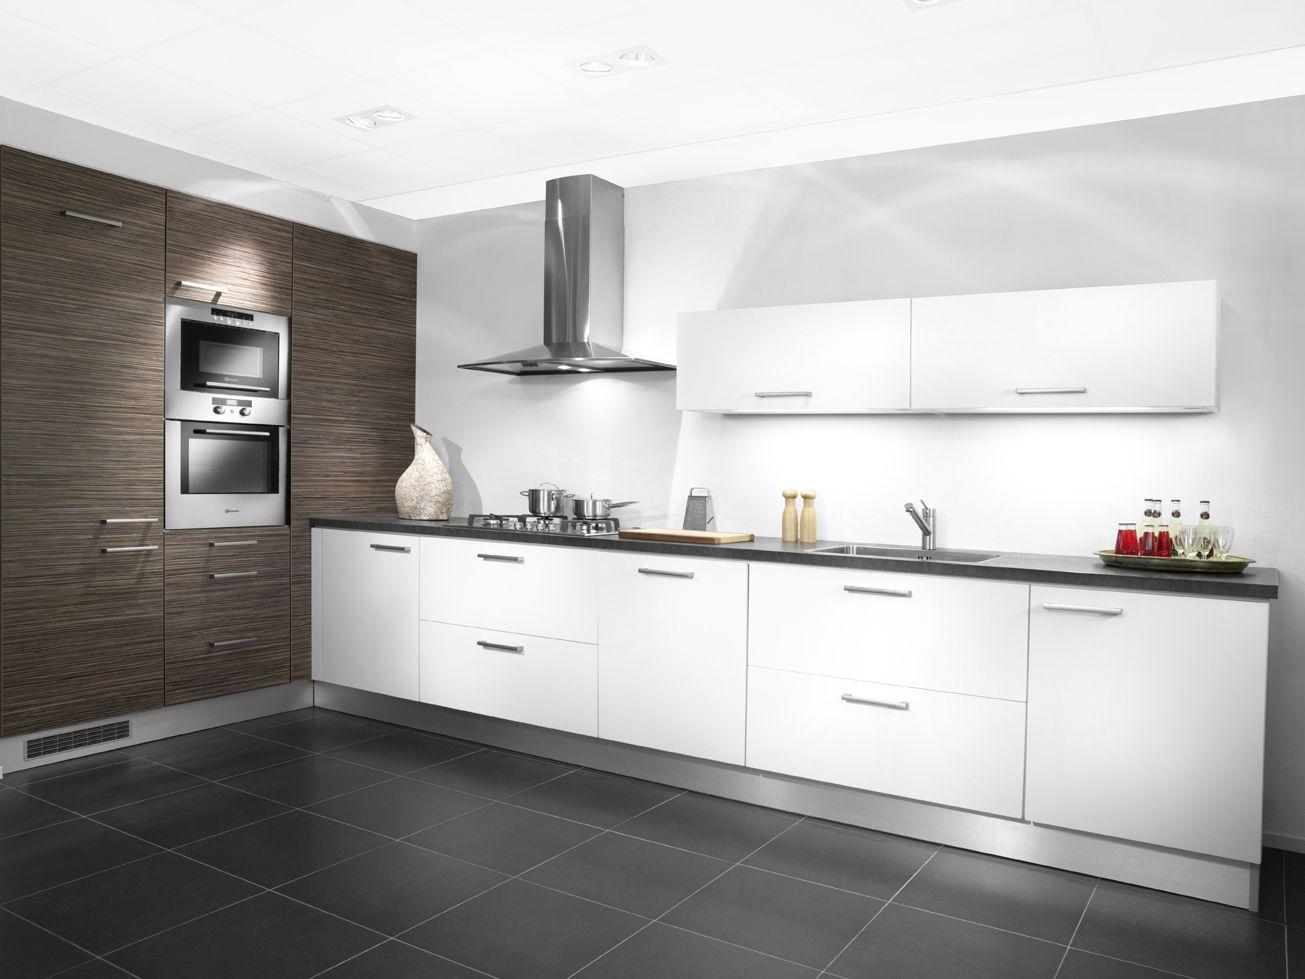 Hoek Keukens Showroom : Hoek keuken met verschillende kleuren kitchens kitchen